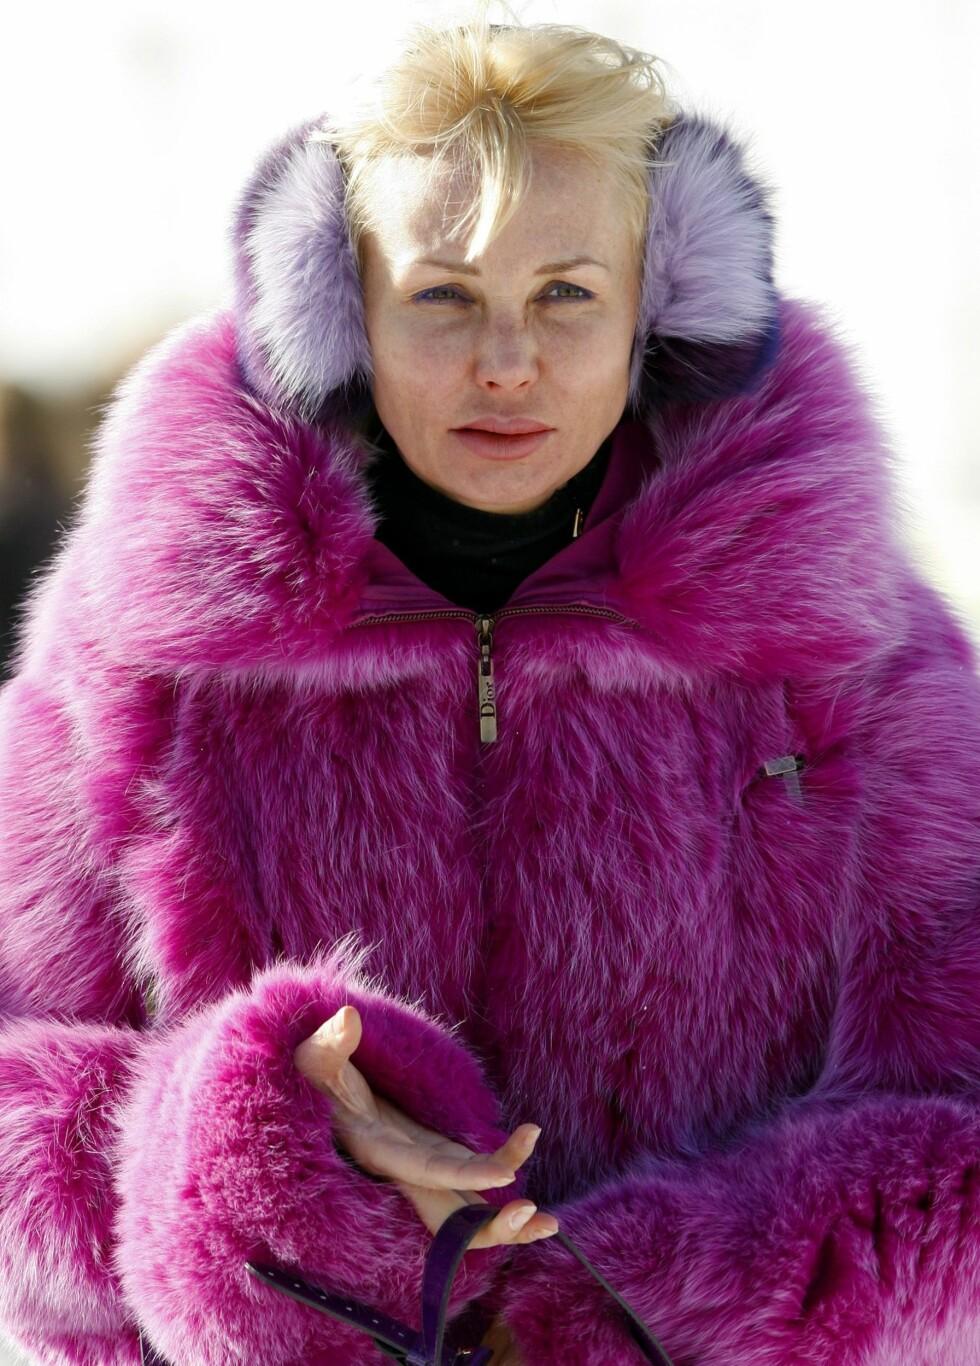 I sjokkrosa pels på ører og kropp. Foto: All Over Press